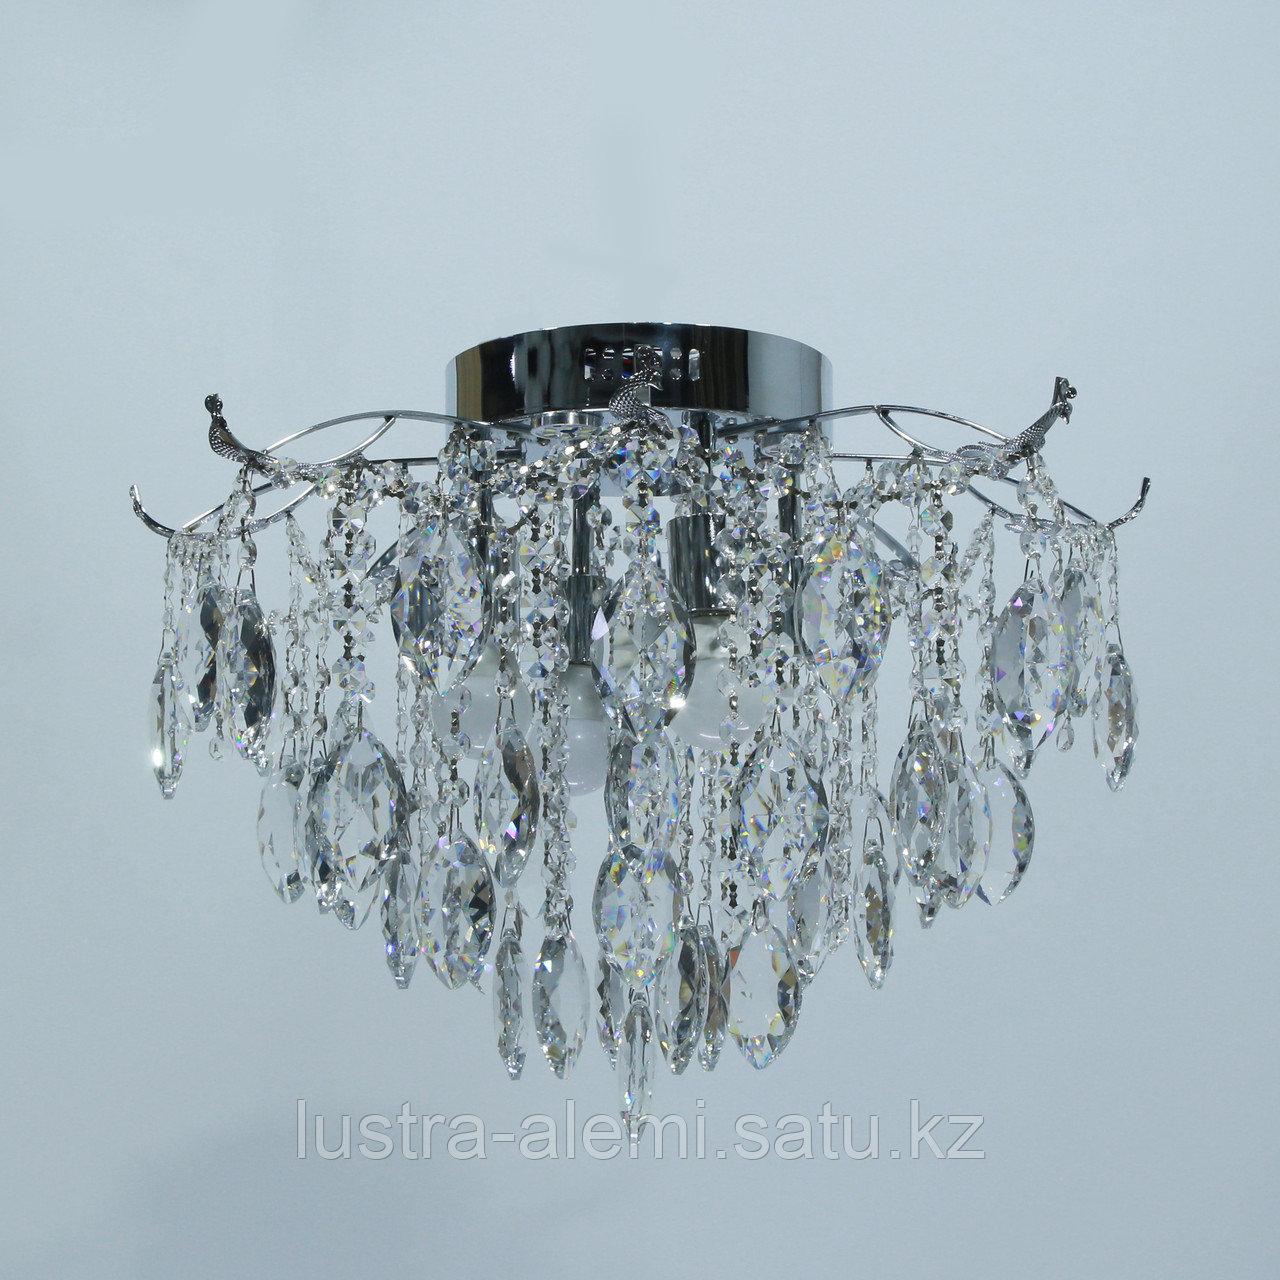 """Люстра Классика """"Хрусталь"""" 1748/4+4 E27*4-LED*4 CH"""